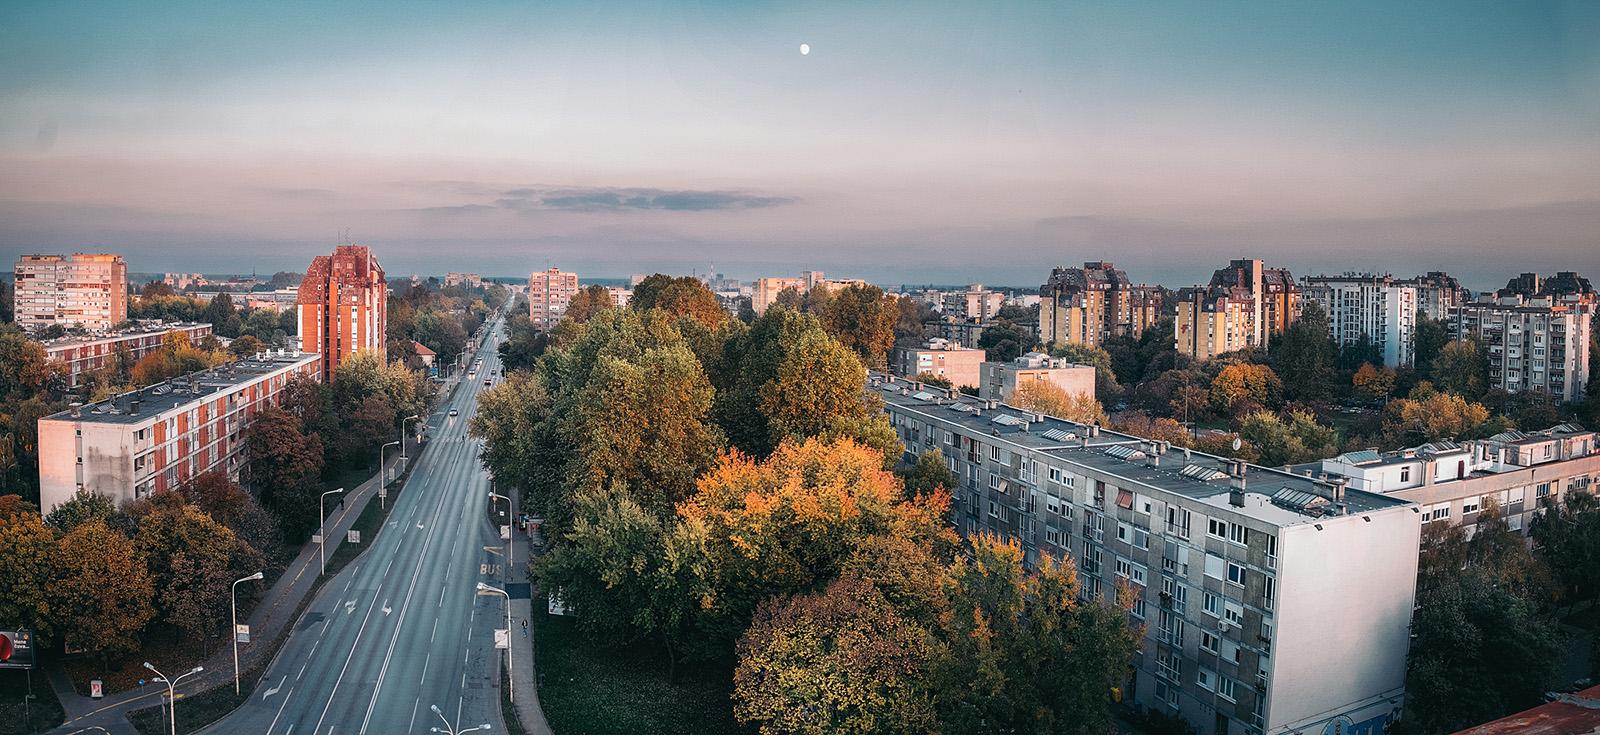 Pogled s ljepotice  Foto: Domagoj Oklopčić  Ključne riječi: pogled ljepotica visina panorama